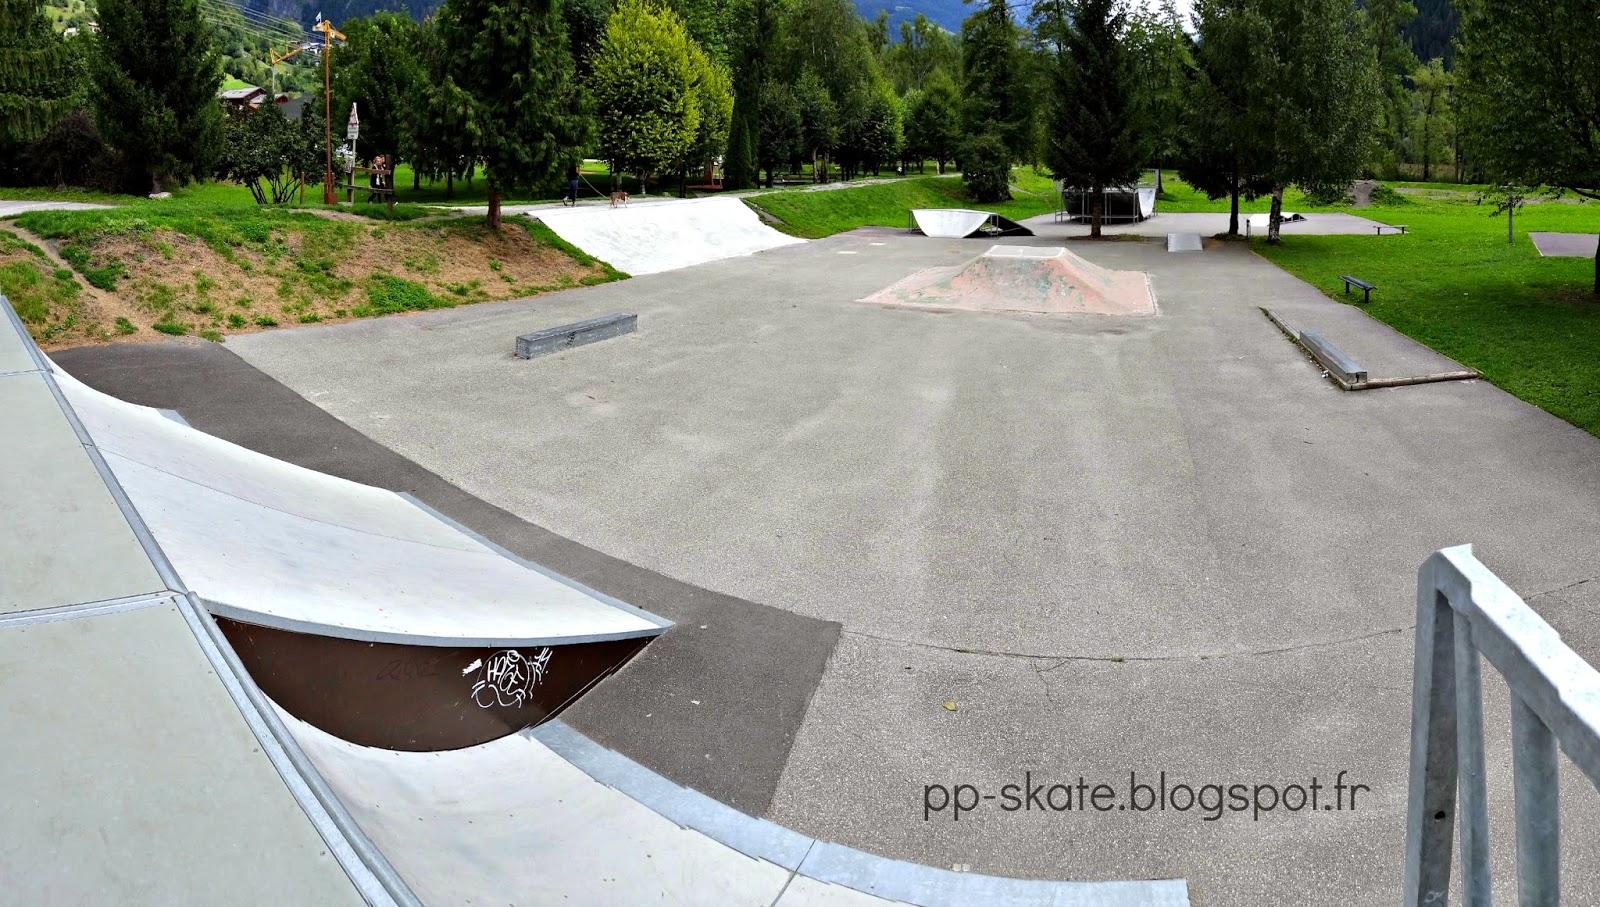 Skatepark bourg saint maurice